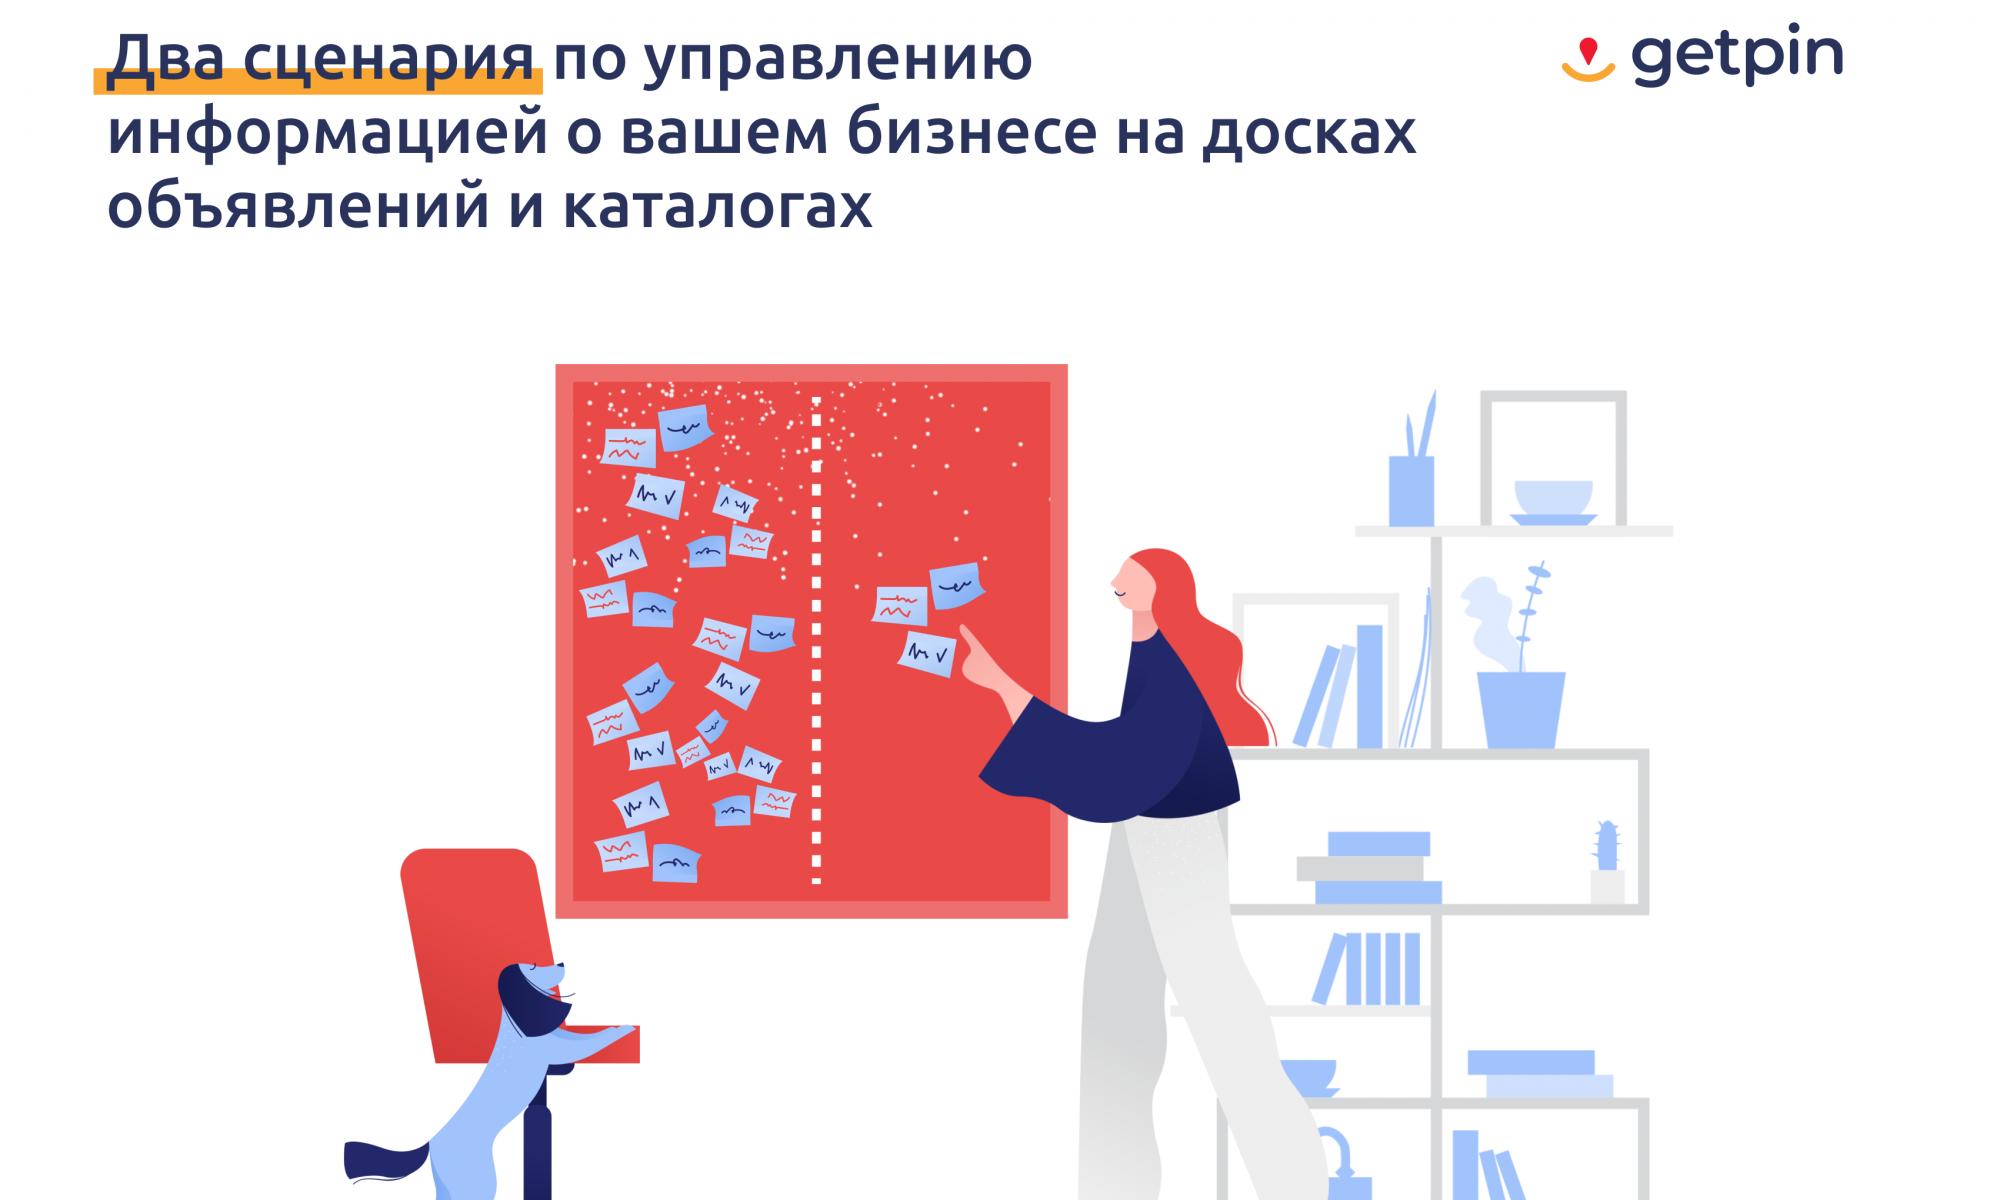 управление информацией на досках объявлений — Getpin